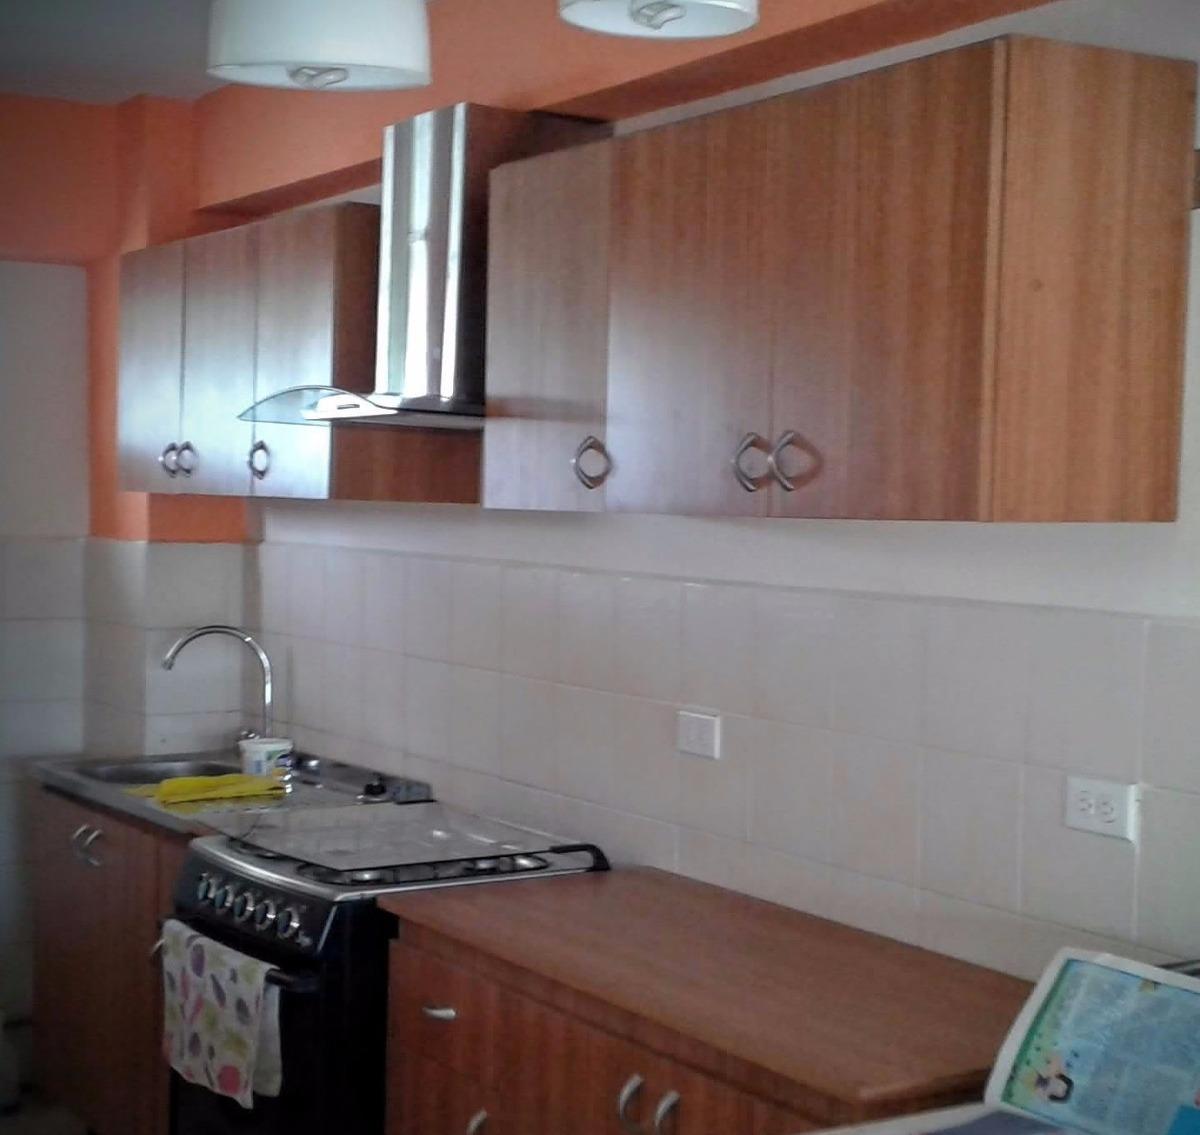 Mueble de cocina para fregadero de sobreponer de 120x50 for Mueble fregadero cocina